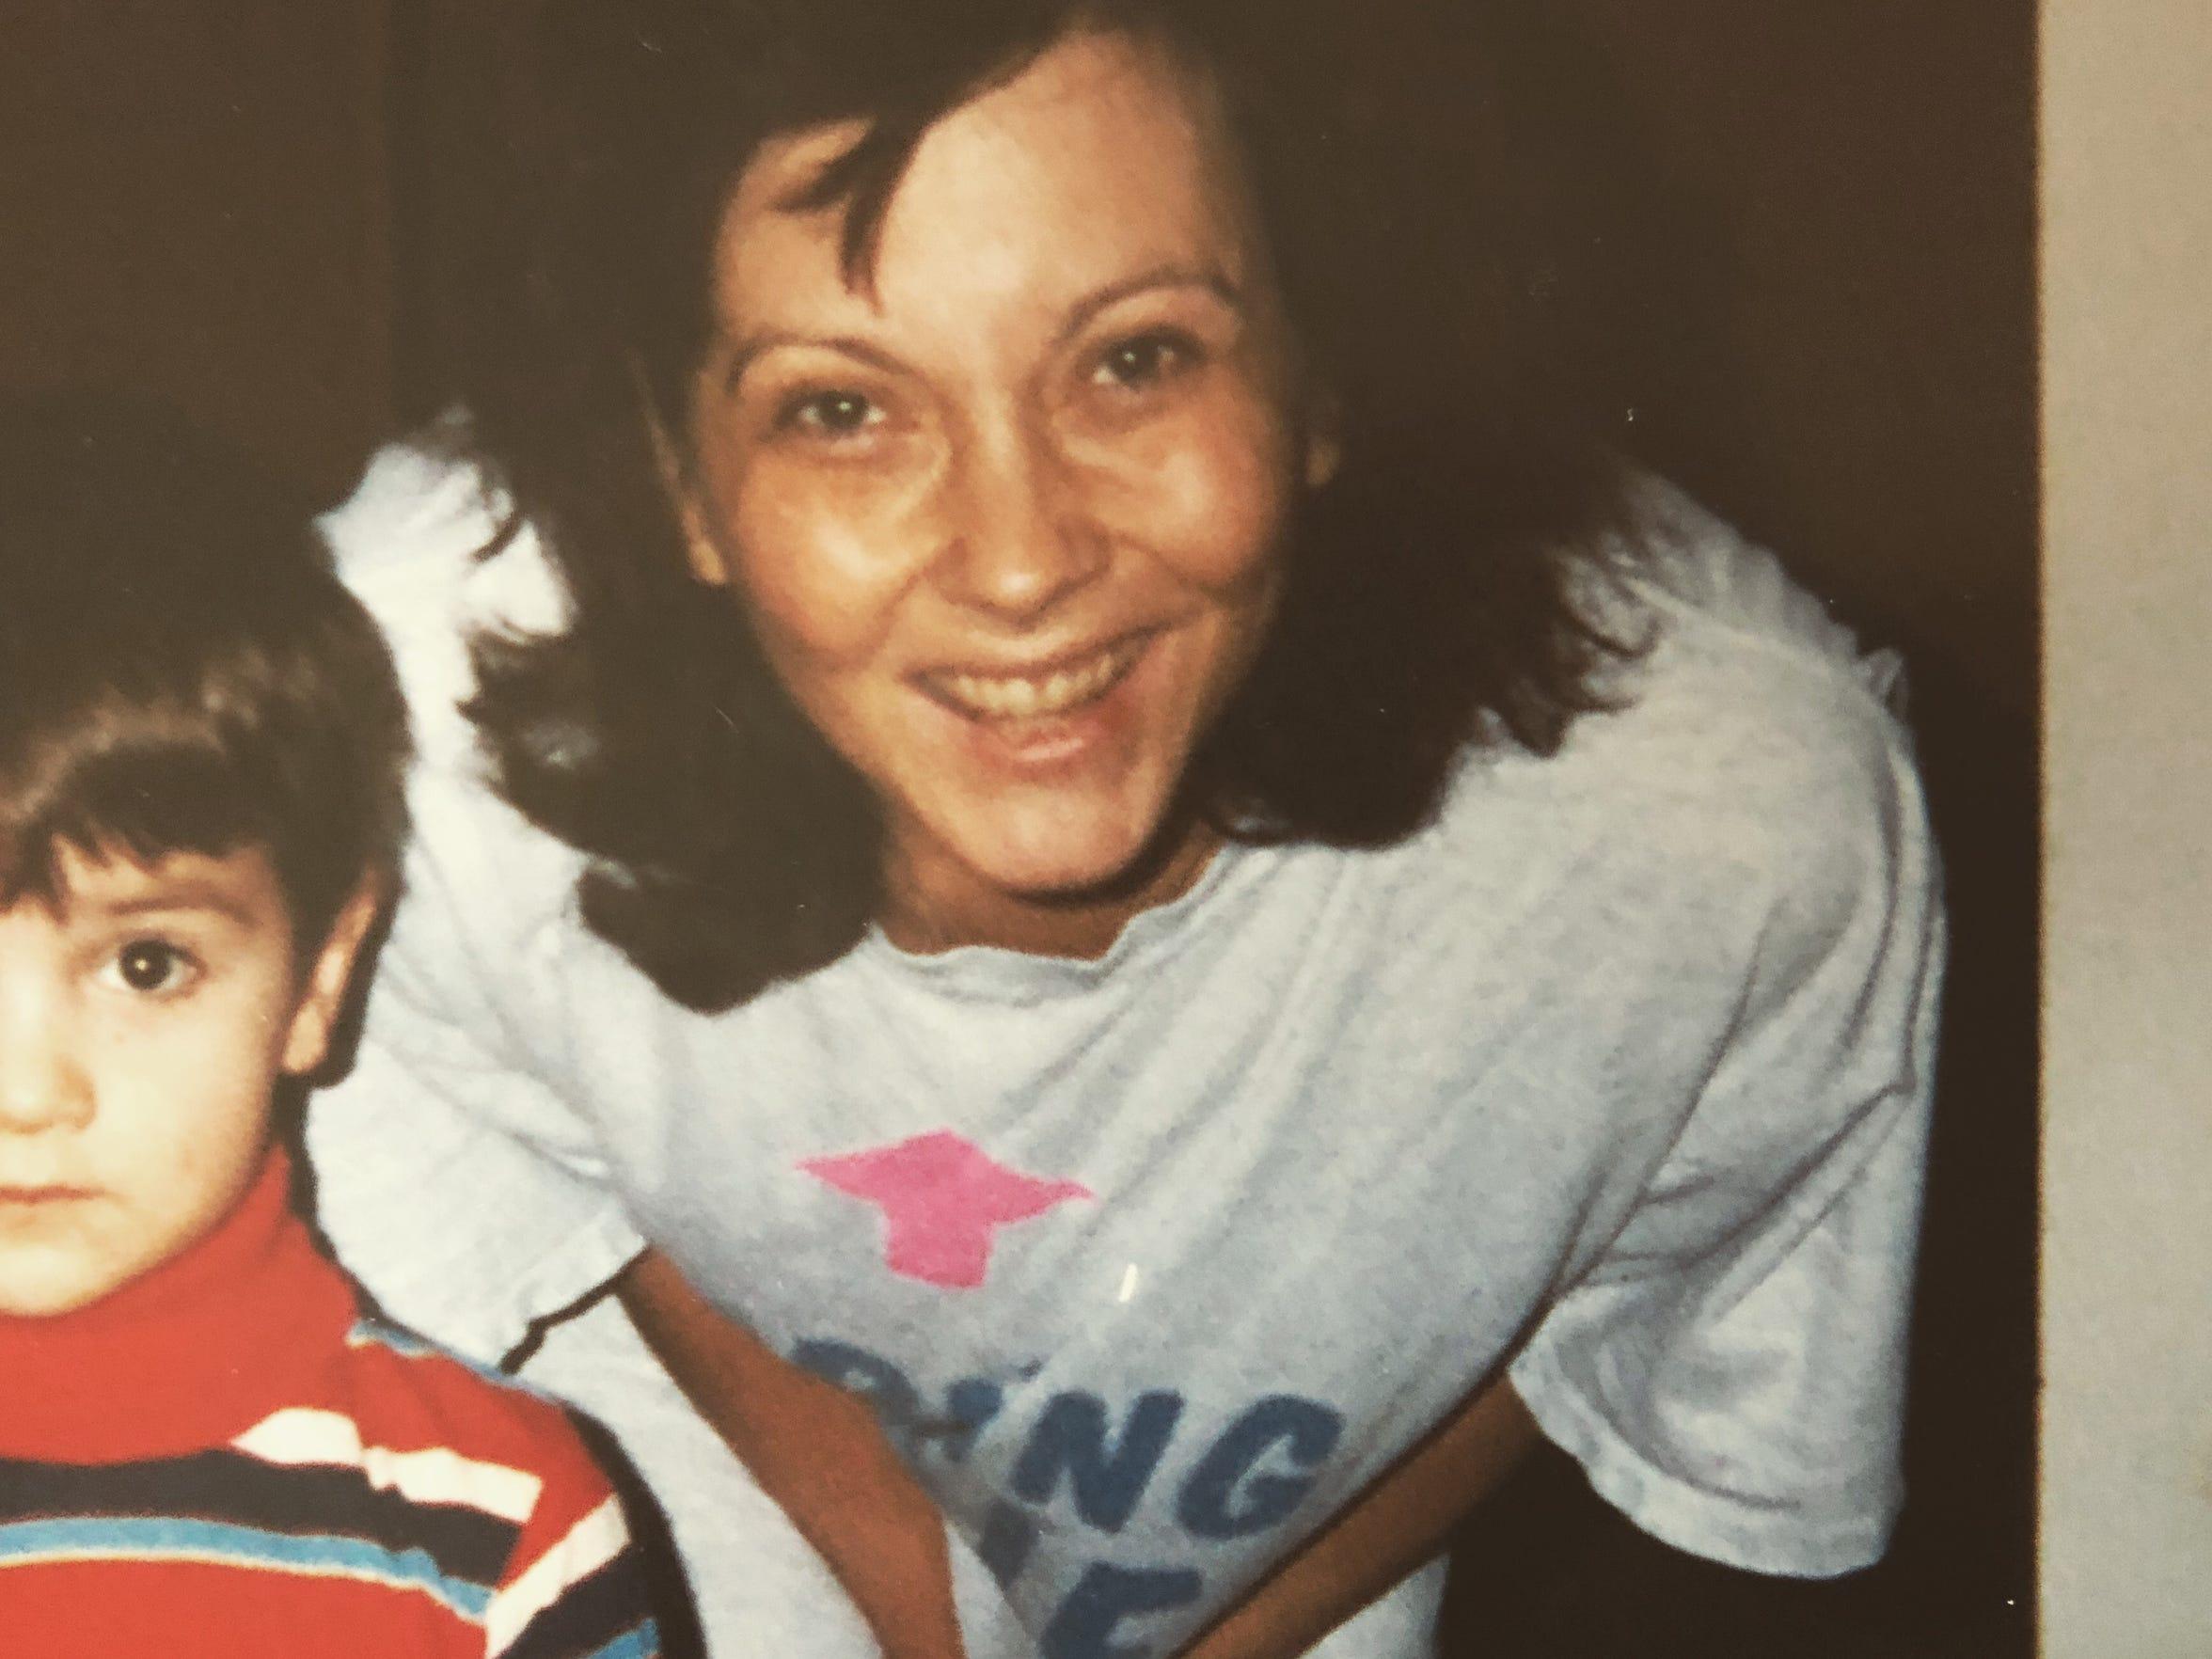 Angela Klier-Brunk, 60, of Des Moines, died Saturday,